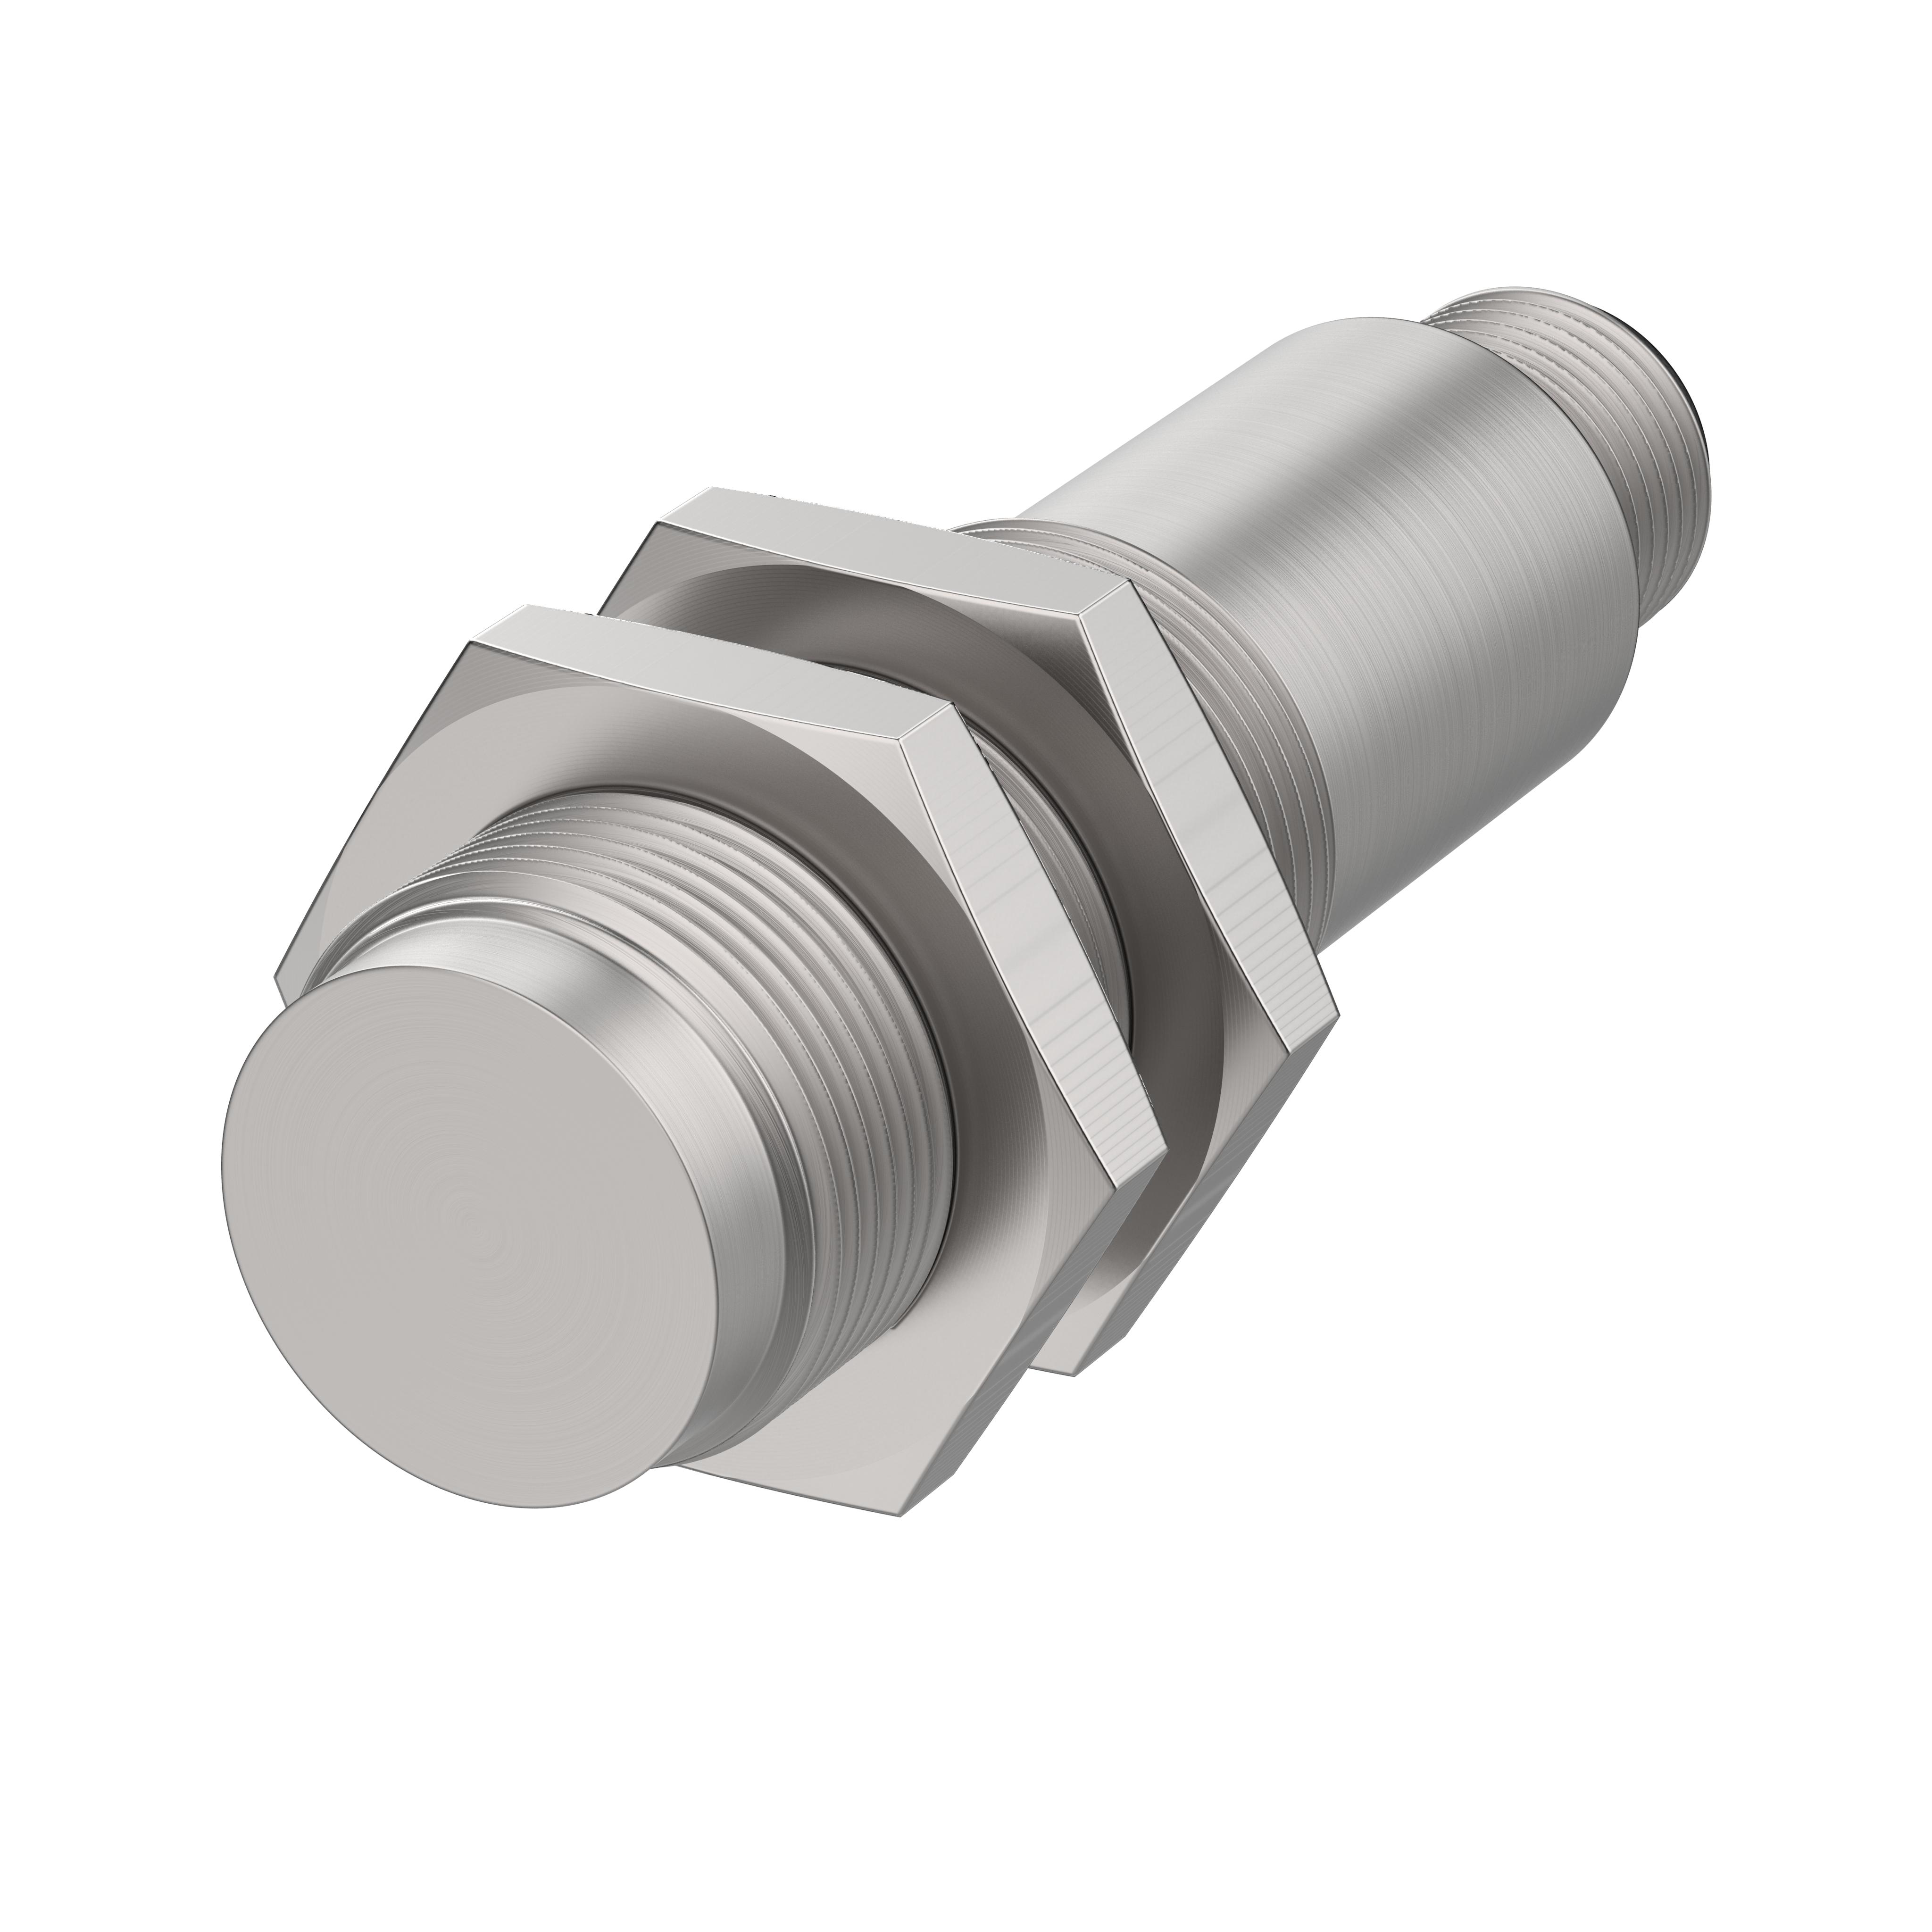 Sicherheitssensor - 120272VY01 - magnetisch betätigt - Schließer/Öffner, Einbaustecker M12